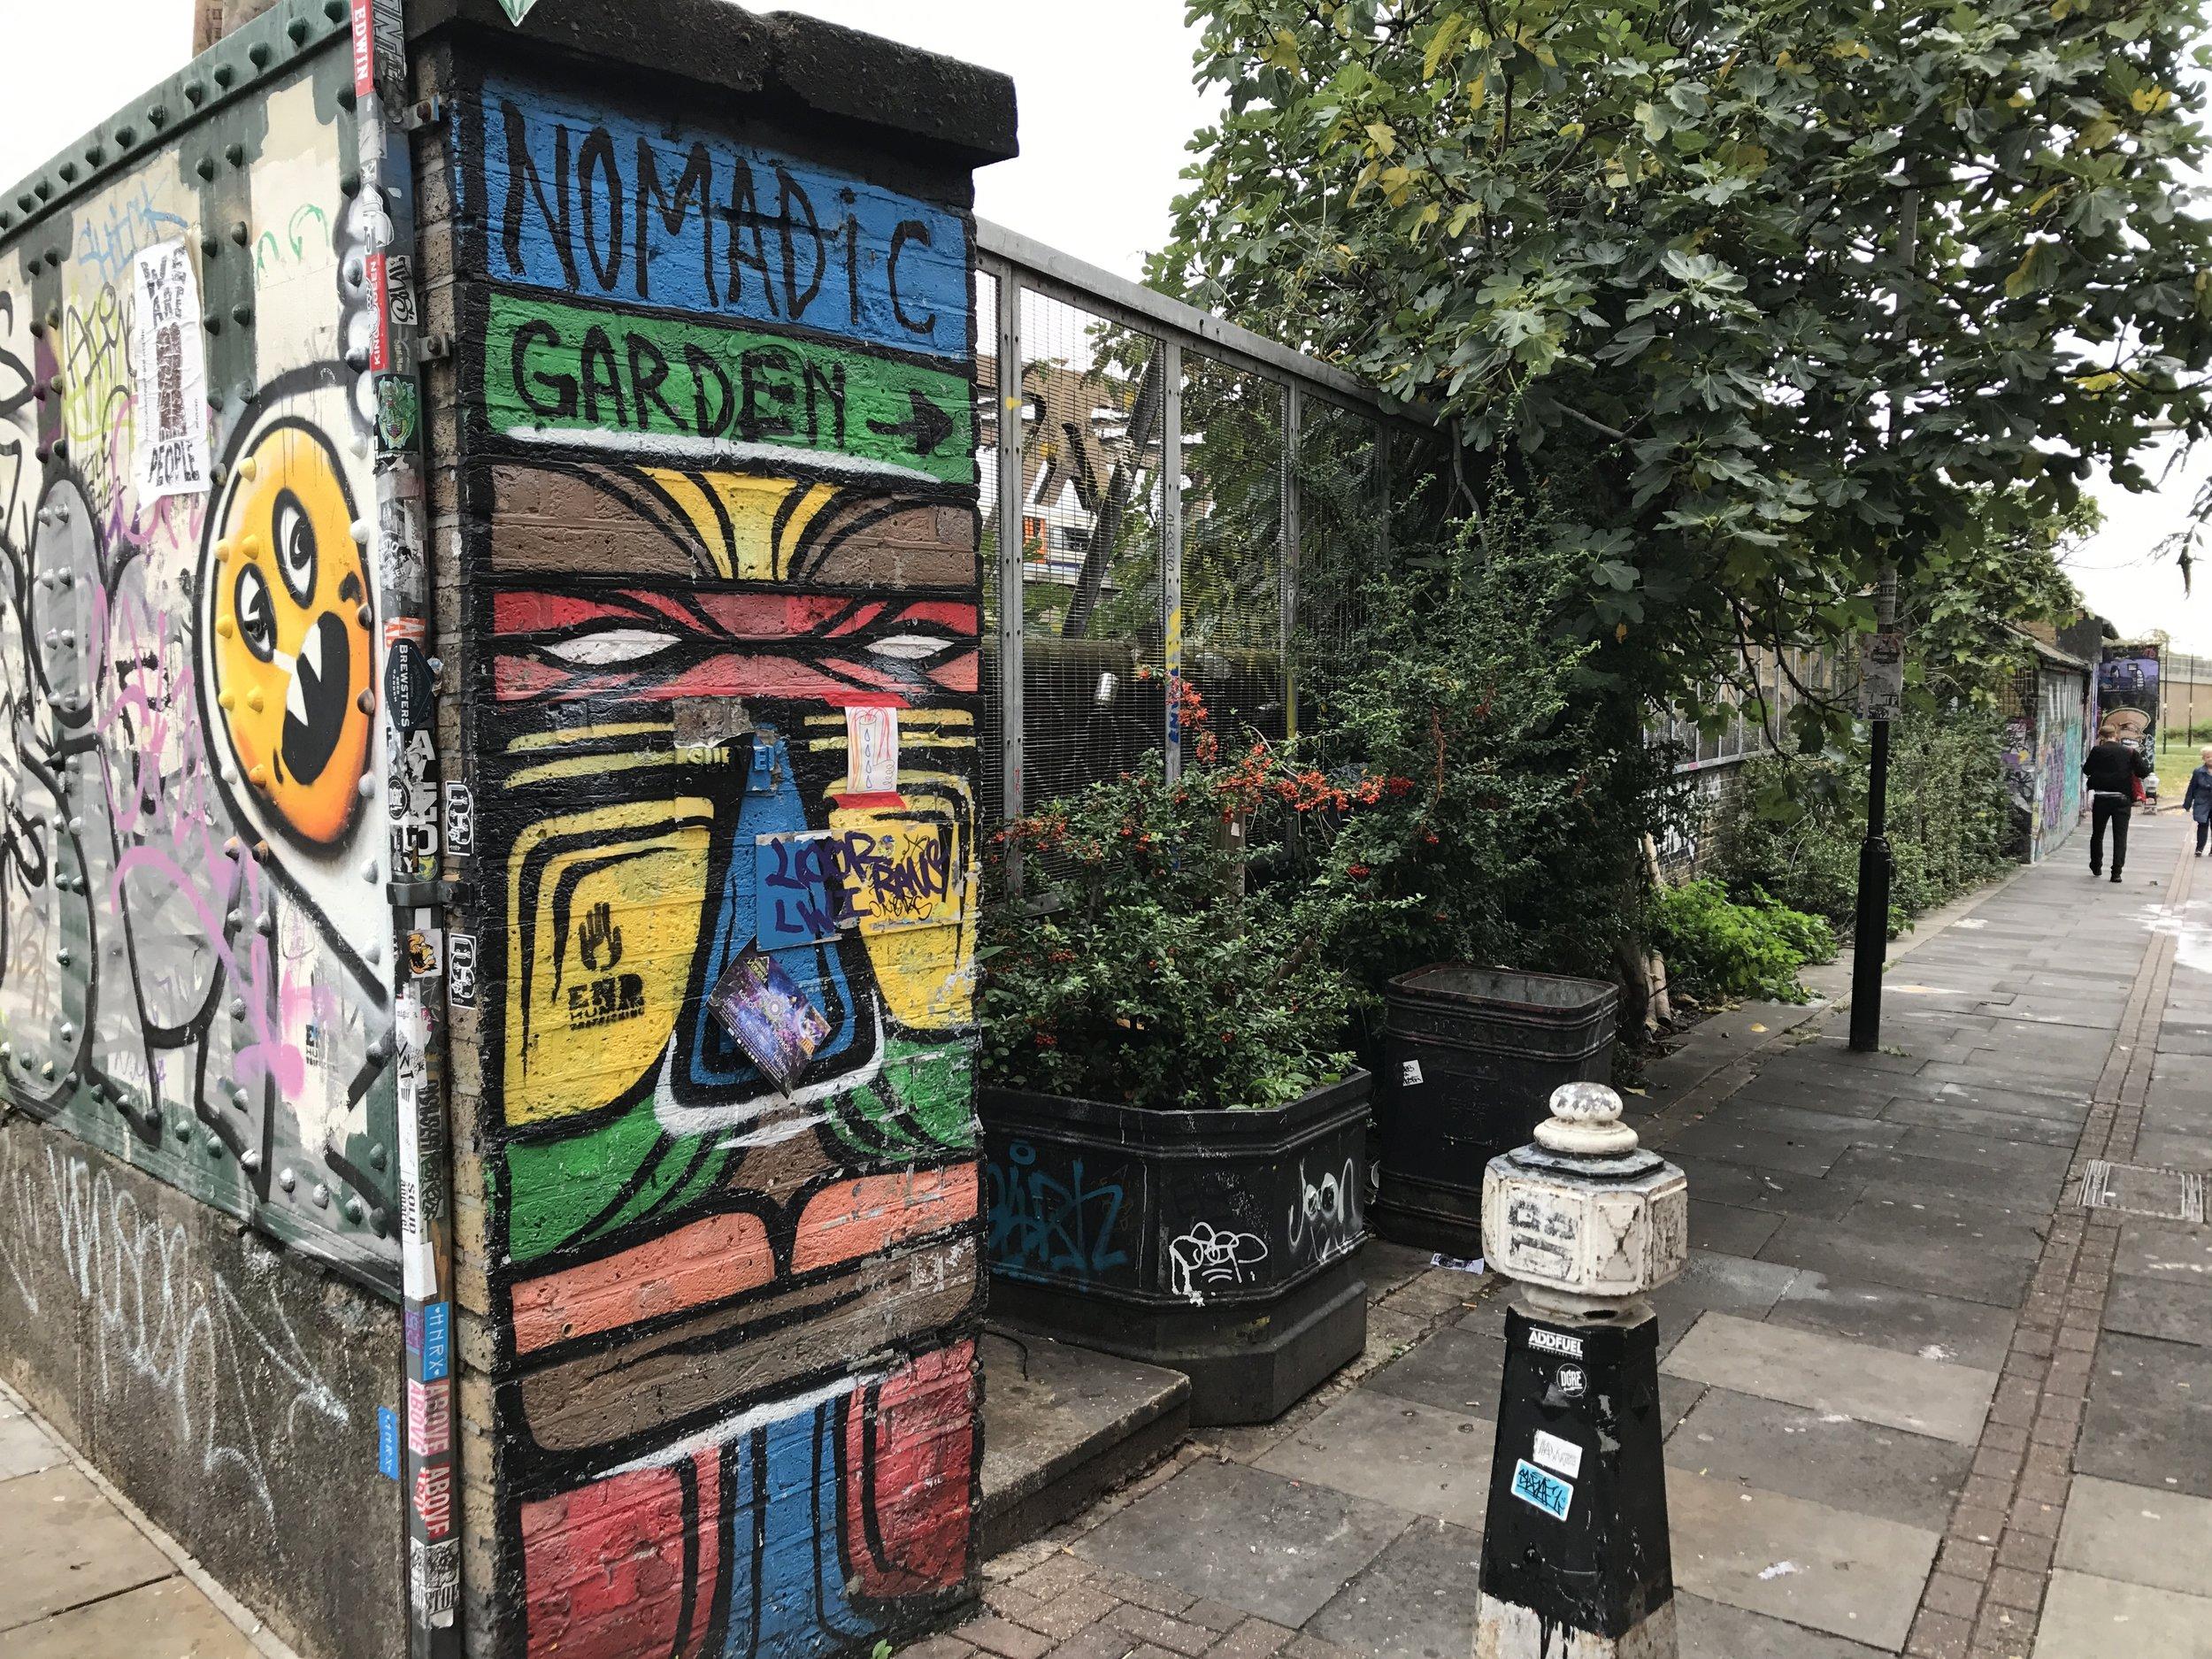 East London – Nomadic Community Garden